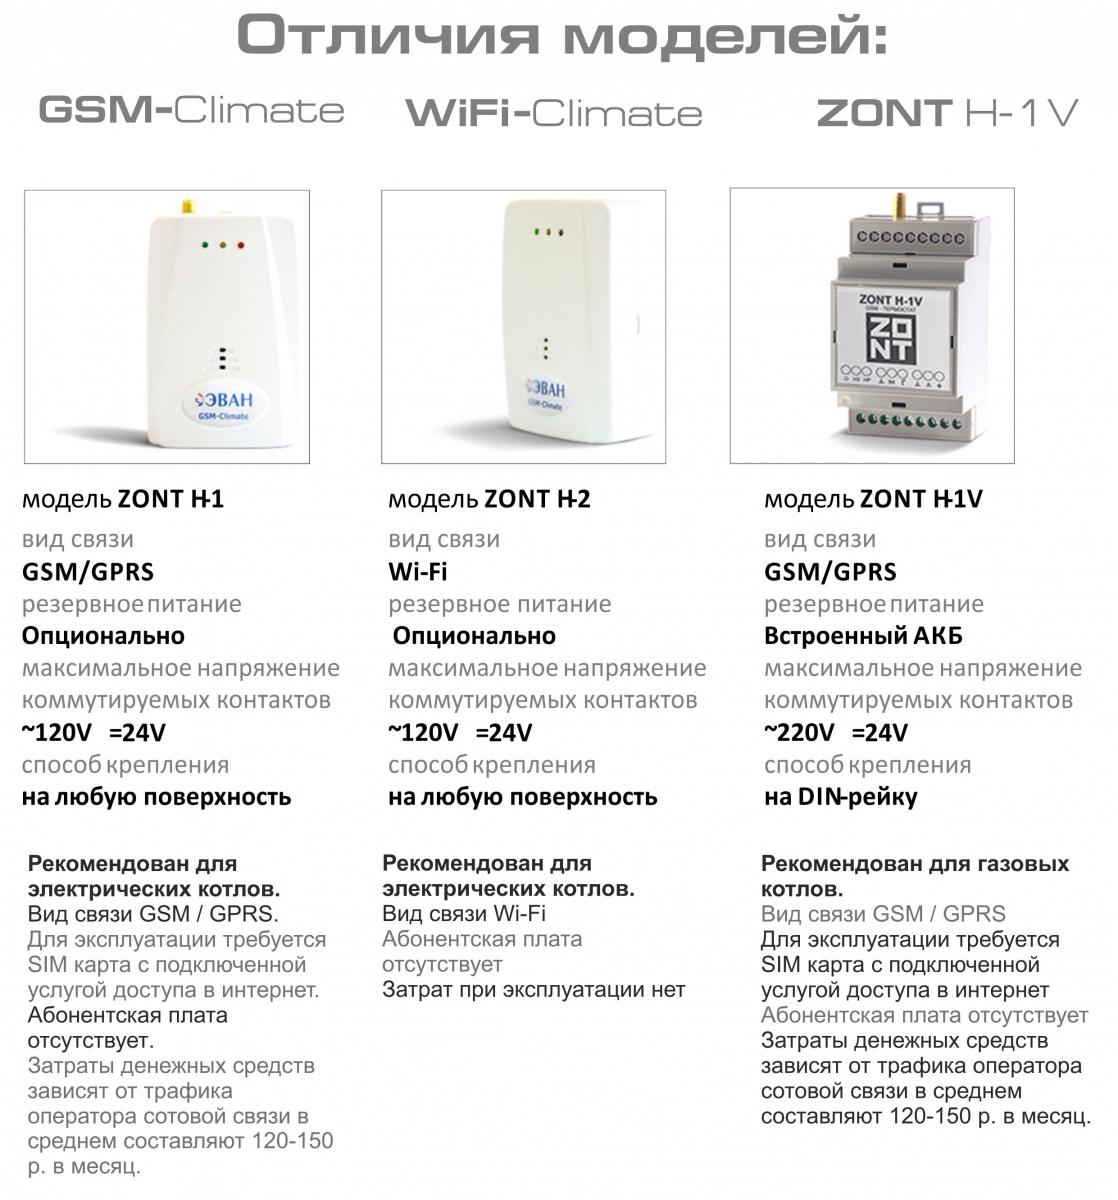 Gsm-модуль для котлов отопления: топ-4 лучших модели, инструкция по выбору, установке и подключению устройства дистанционного управления с телефона, характеристики и цены